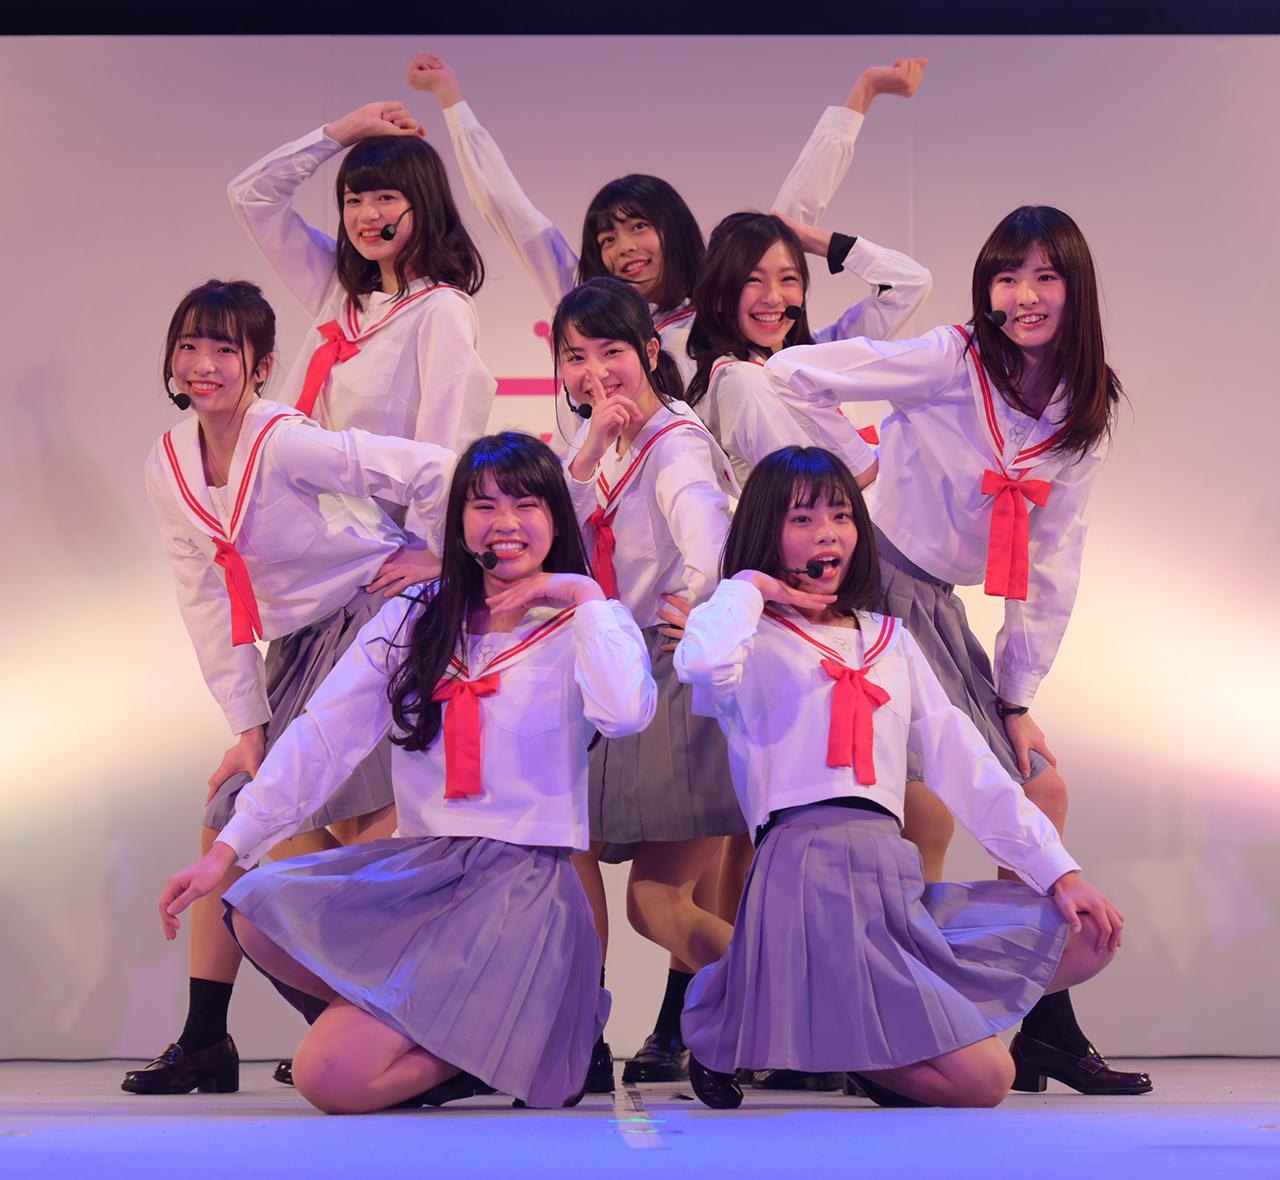 「女子高生ミスコン2018」受賞者